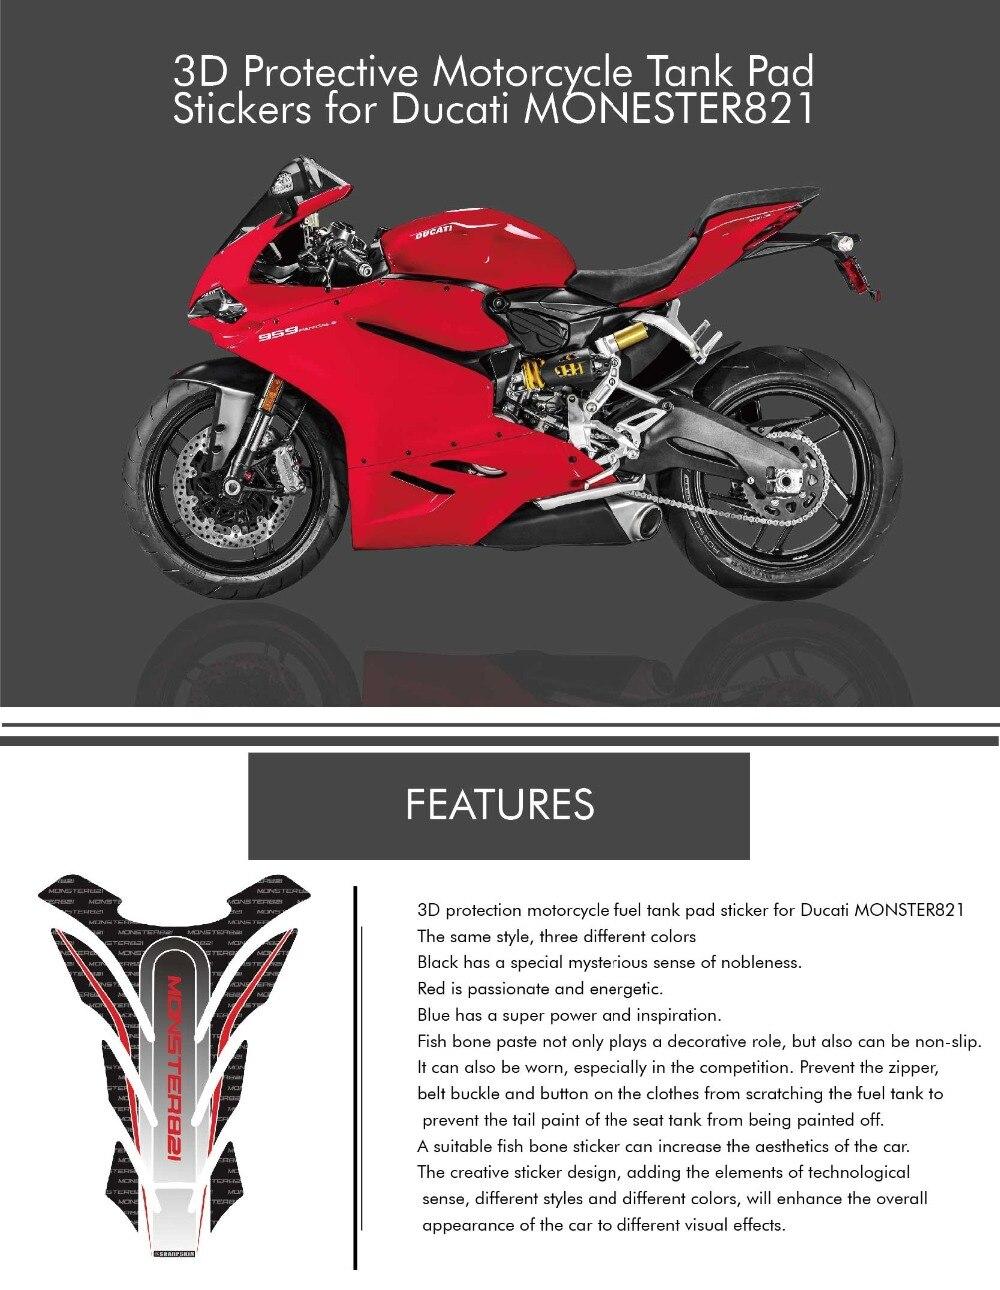 Color : Black Pegatinas de Motocicleta Coj/ín de Cubierta de la Motocicleta 3D de Espina de Pescado del dep/ósito de Combustible Tapa del Tanque for Yamaha R1 r1